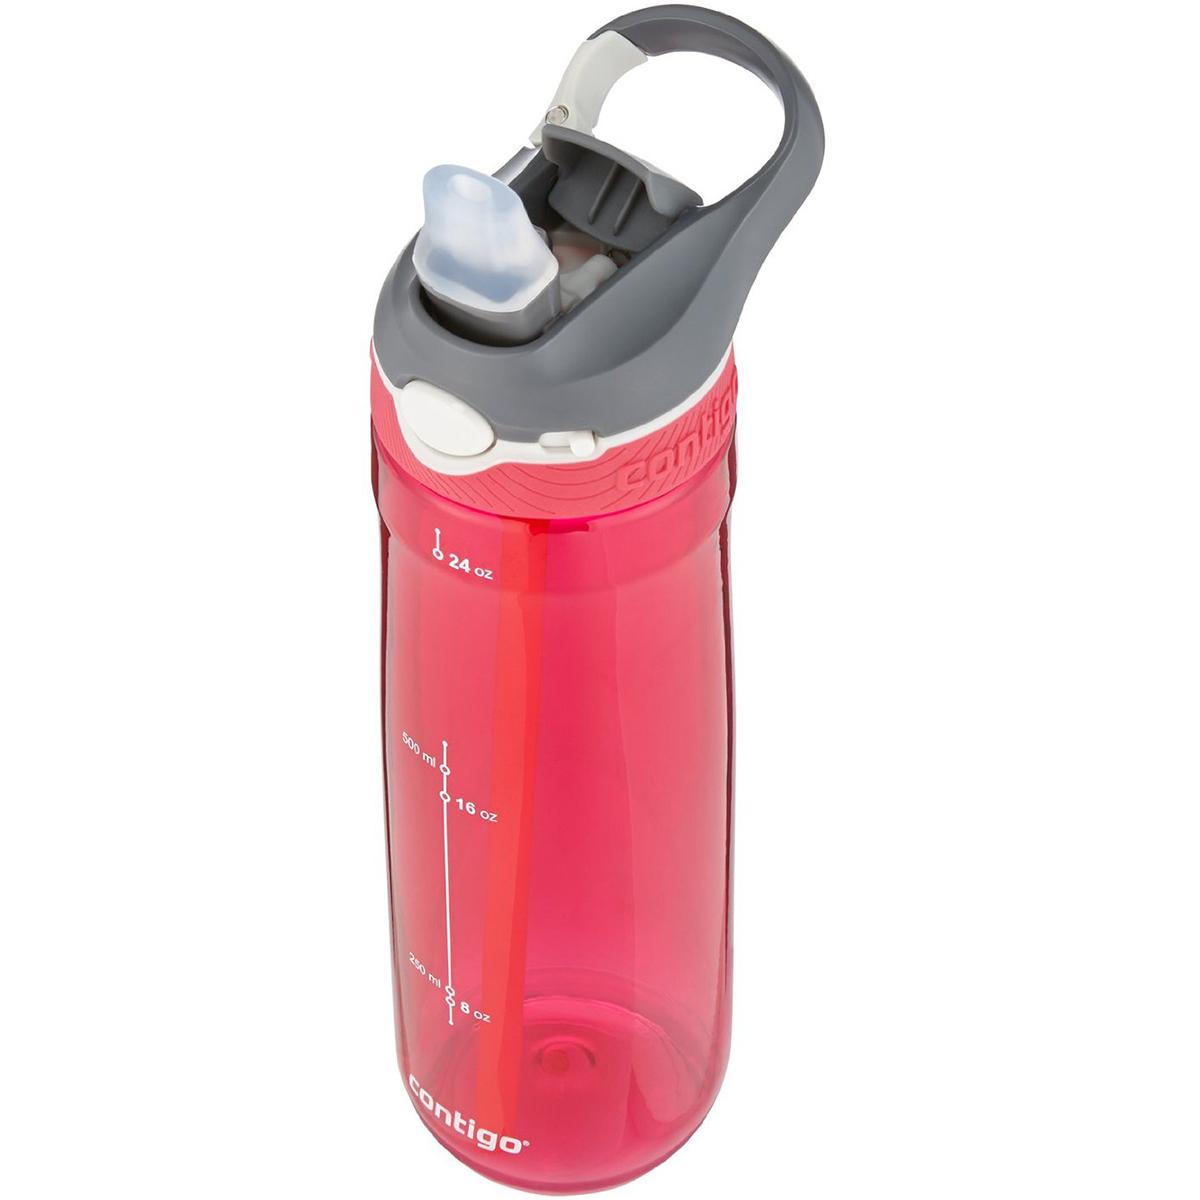 Contigo-24-oz-Ashland-Autospout-Water-Bottle 縮圖 25